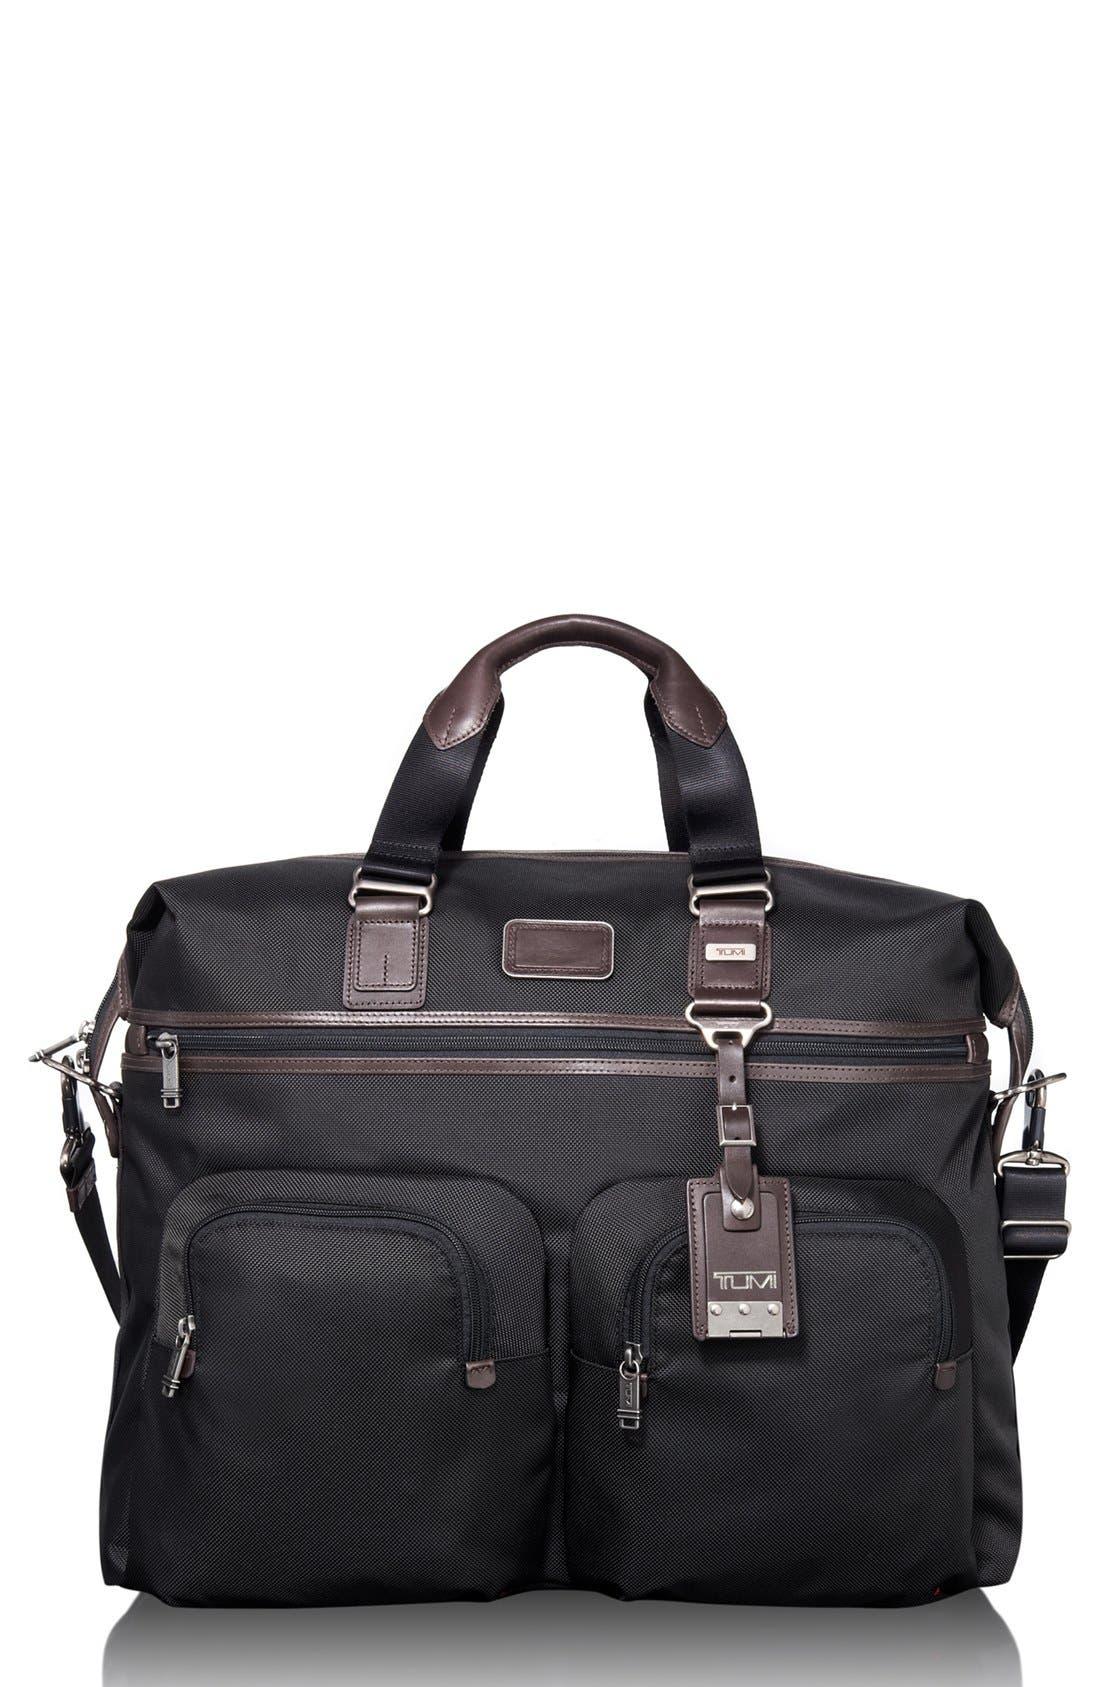 Main Image - Tumi 'Large Alpha Bravo - Kessler' Duffel Bag (20 Inch)